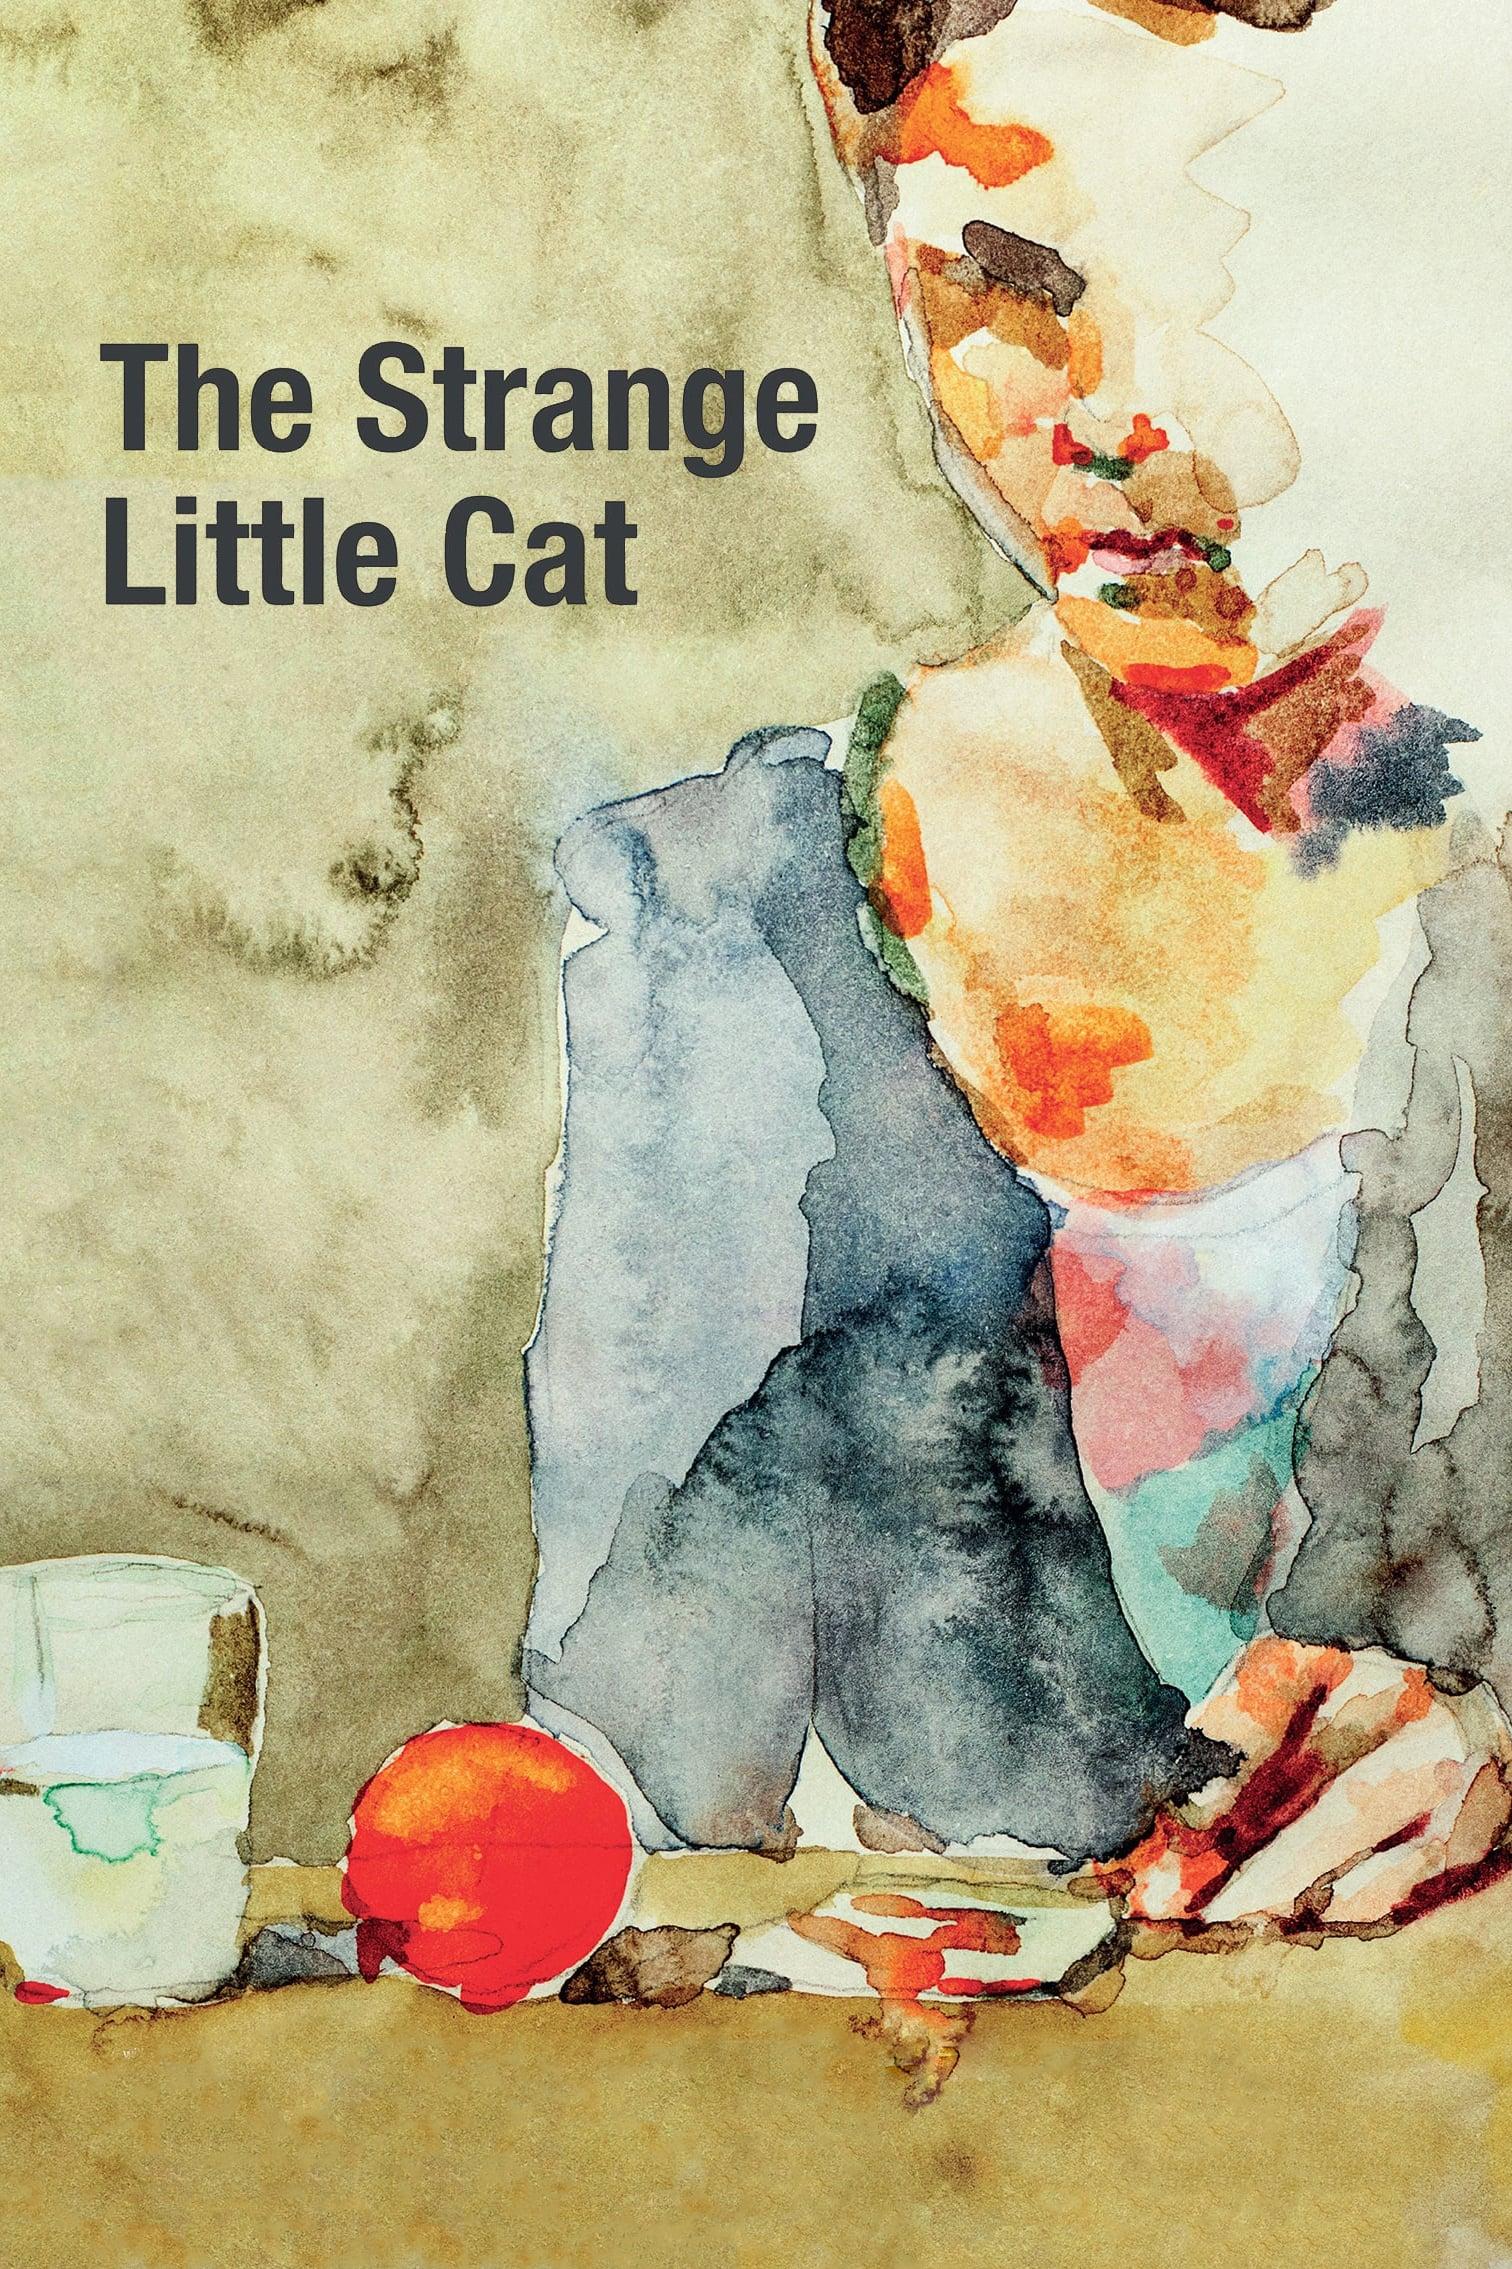 El extraño gatito